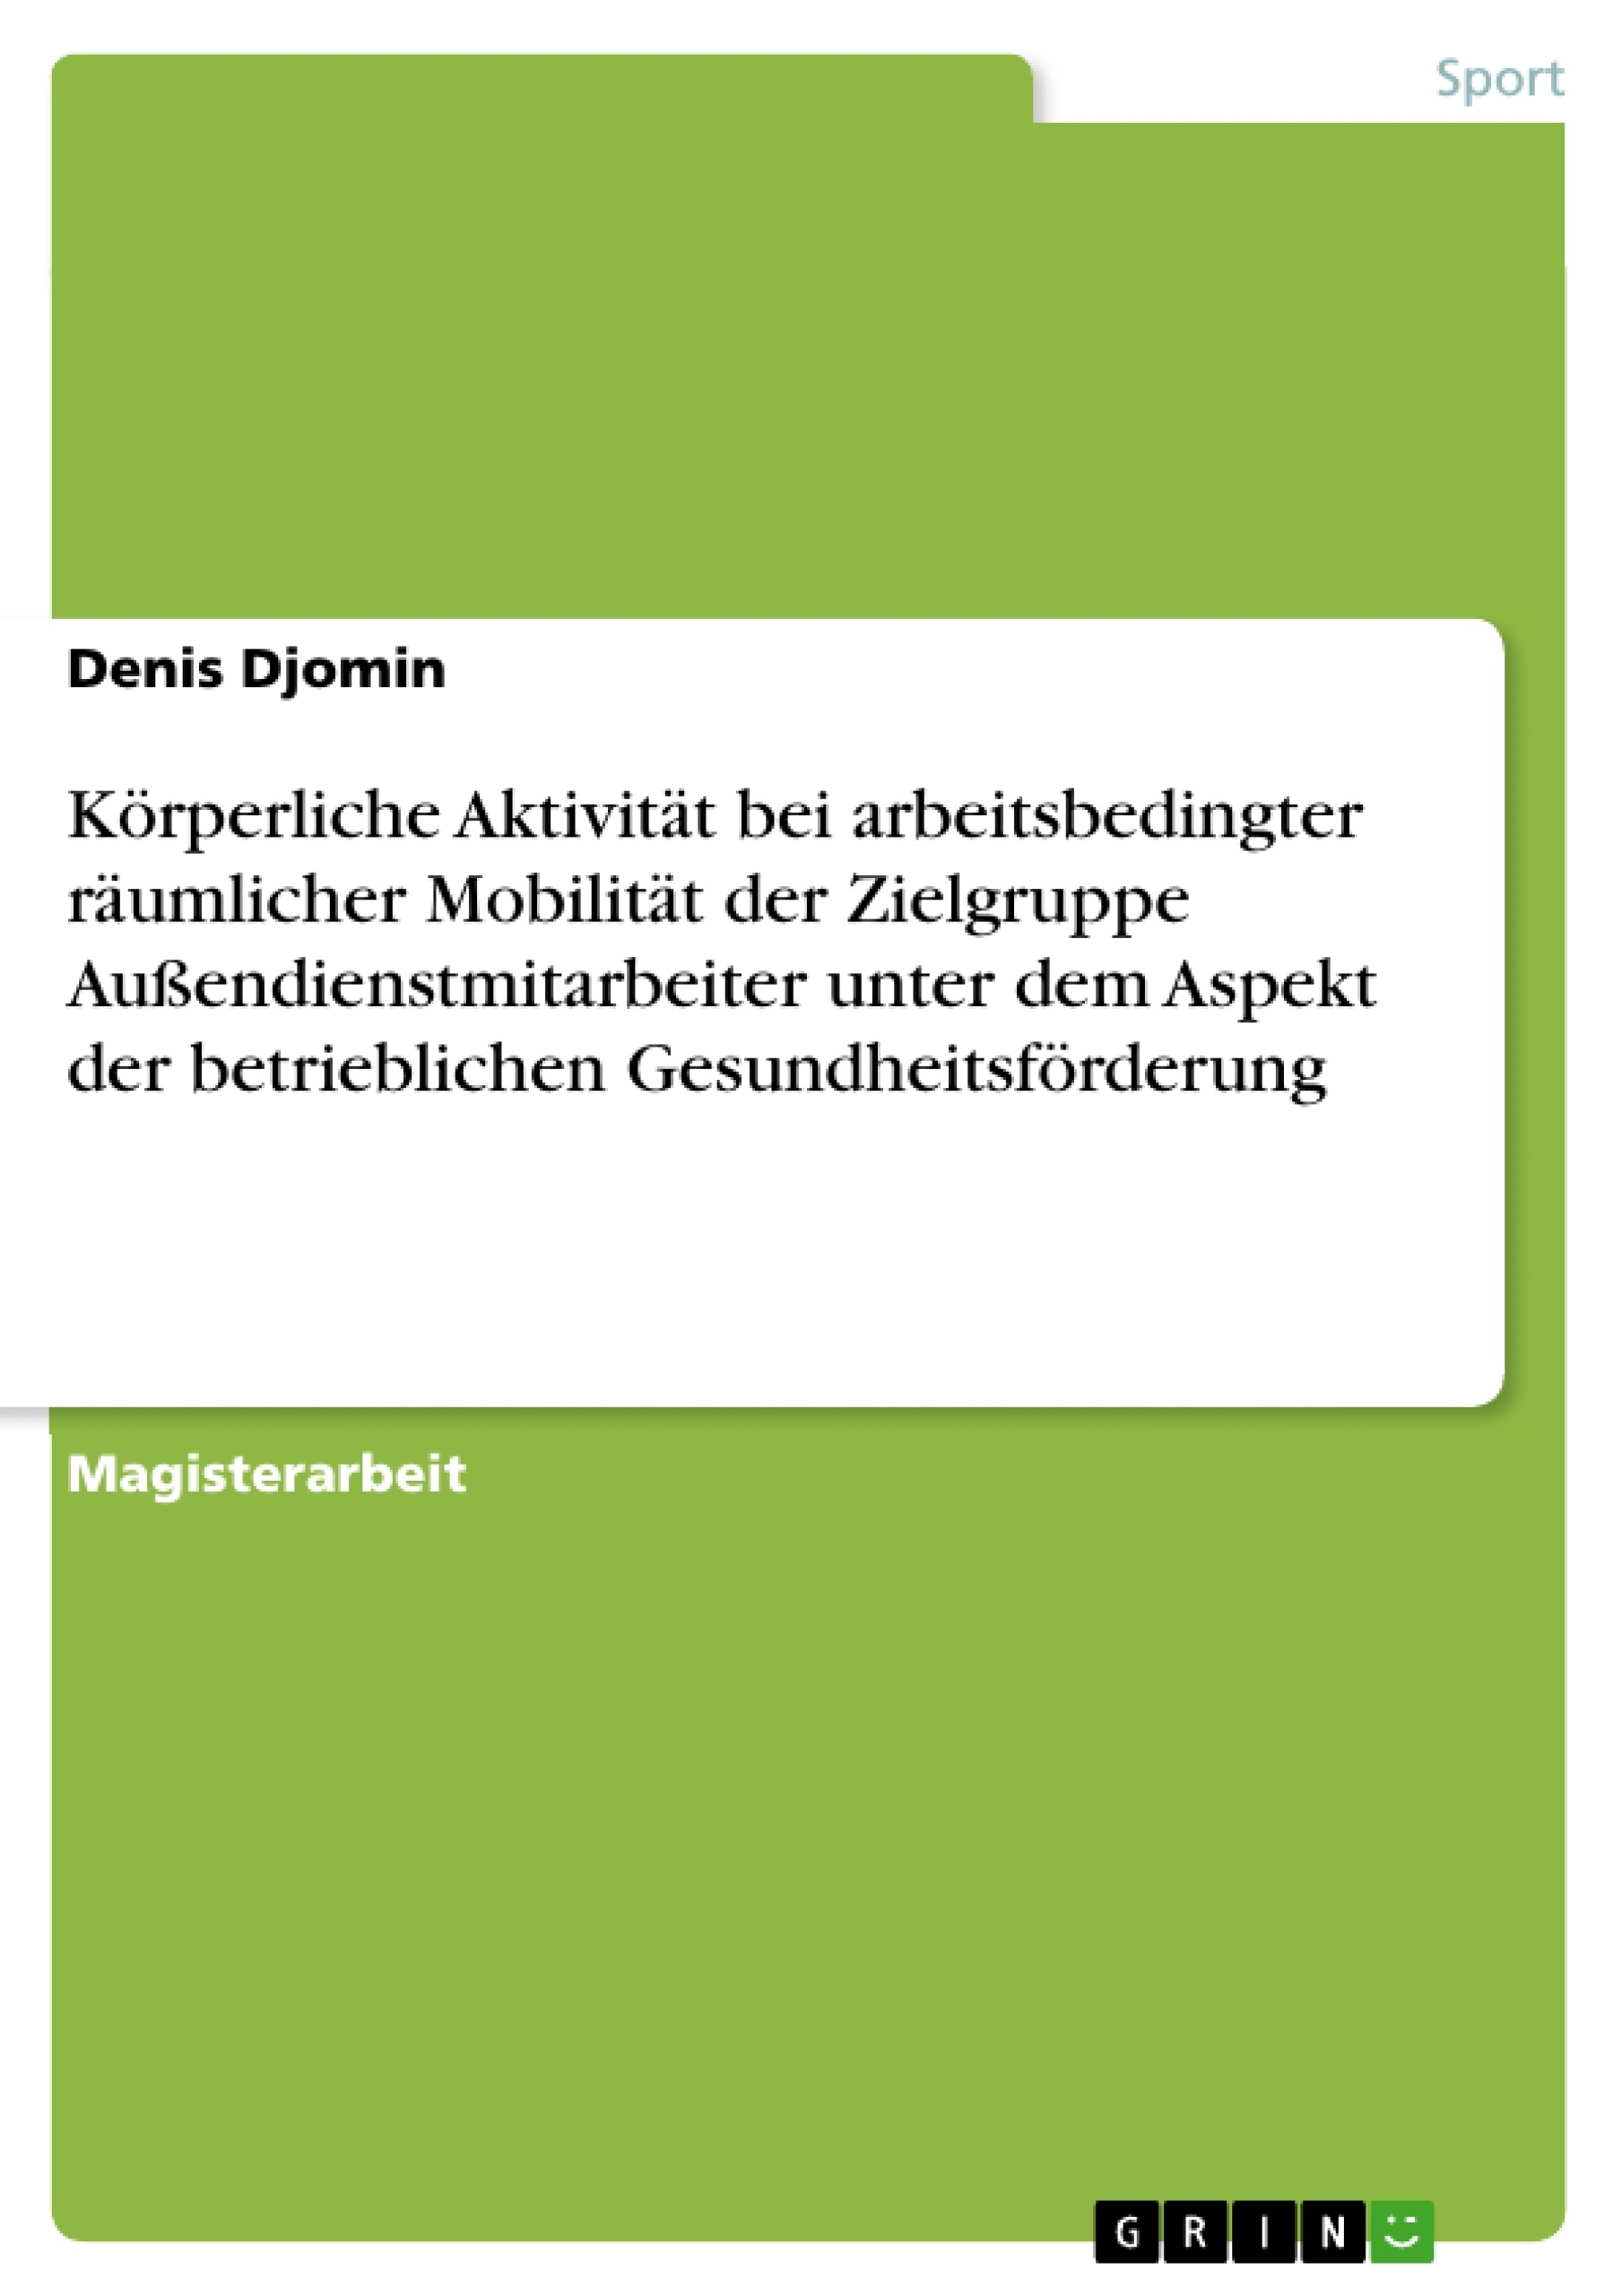 Titel: Körperliche Aktivität bei arbeitsbedingter räumlicher Mobilität der Zielgruppe Außendienstmitarbeiter unter dem Aspekt der betrieblichen Gesundheitsförderung